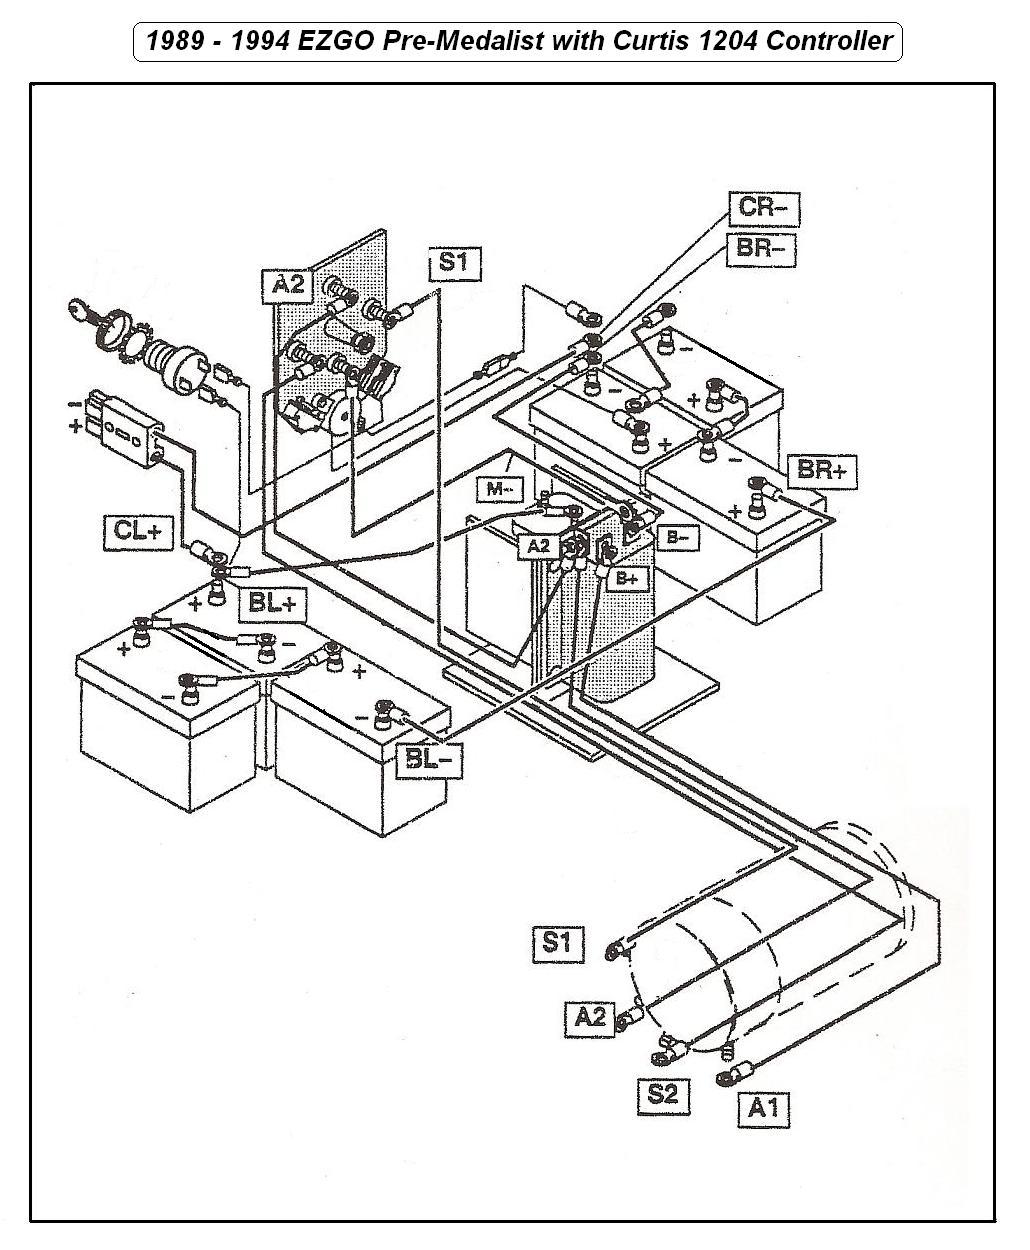 1993 ezgo marathon wiring diagram 36 volt auto electrical wiring rh wiring kadang co Ezgo Marathon 36 Volt Wiring Diagram Model 80s Golf Cart 36 Volt Wiring Diagram